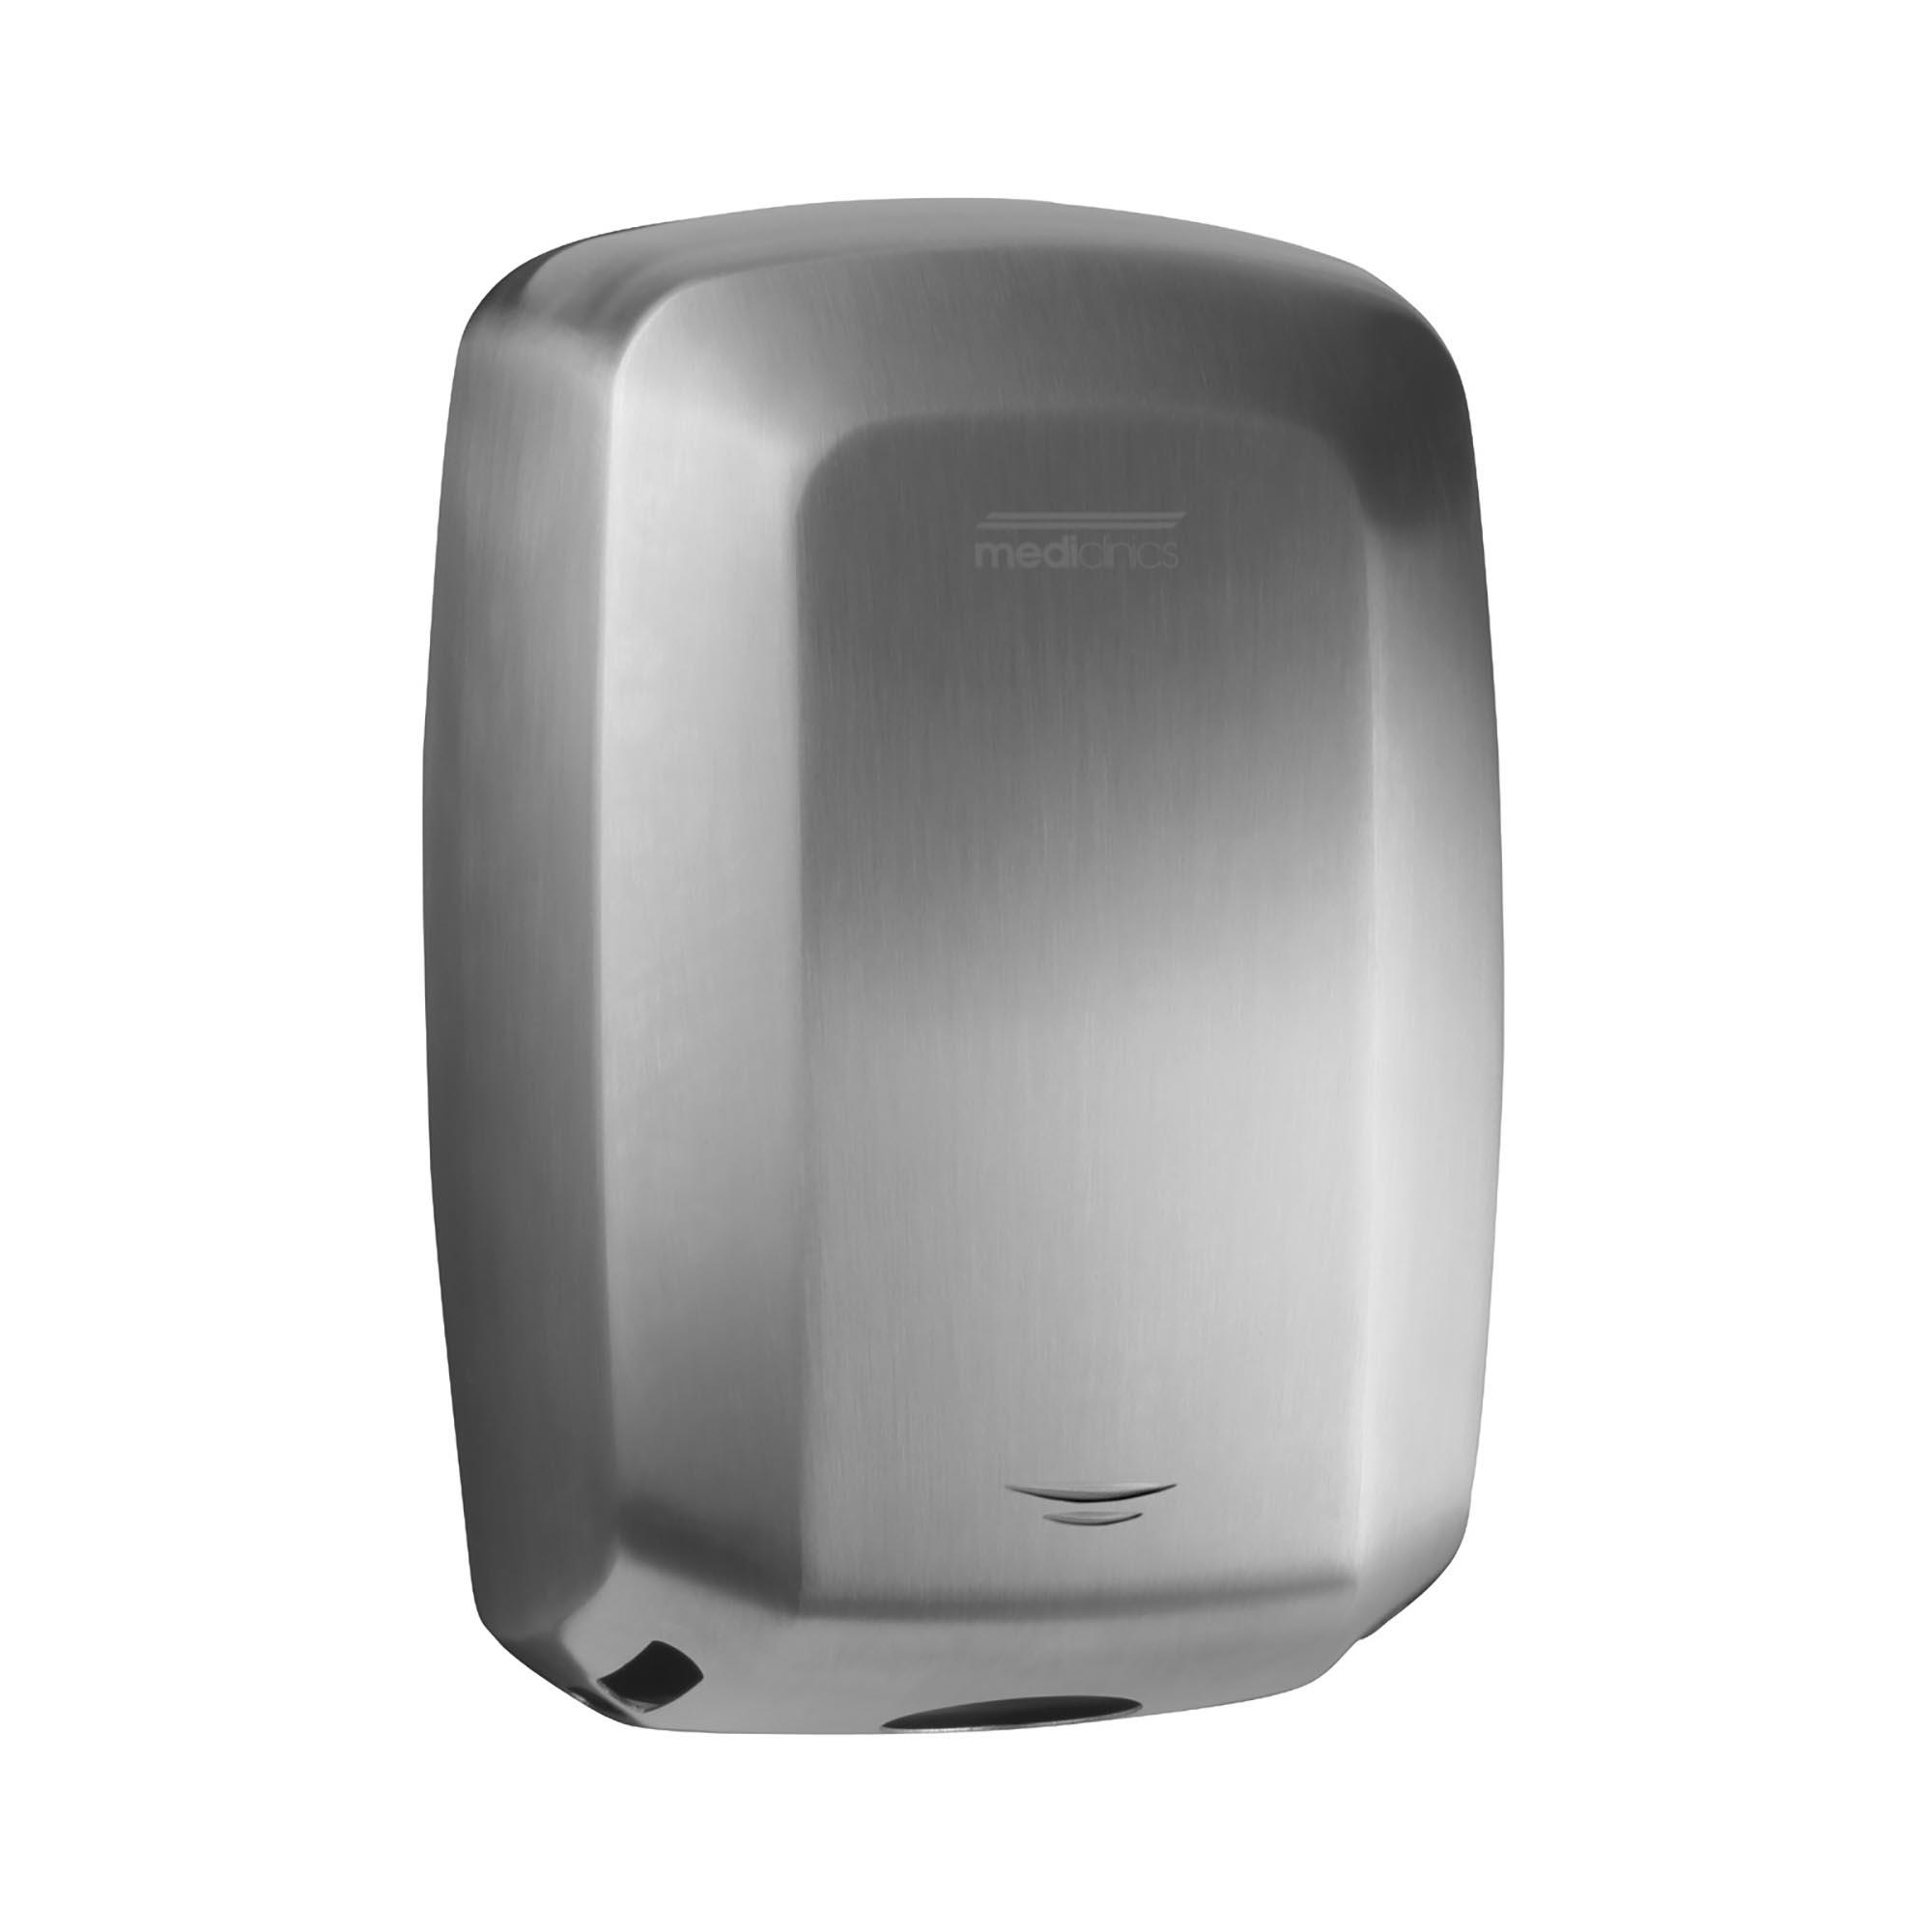 Merida Händetrockner - elektrisch - 420 bis 1.500 W - matt 10290003